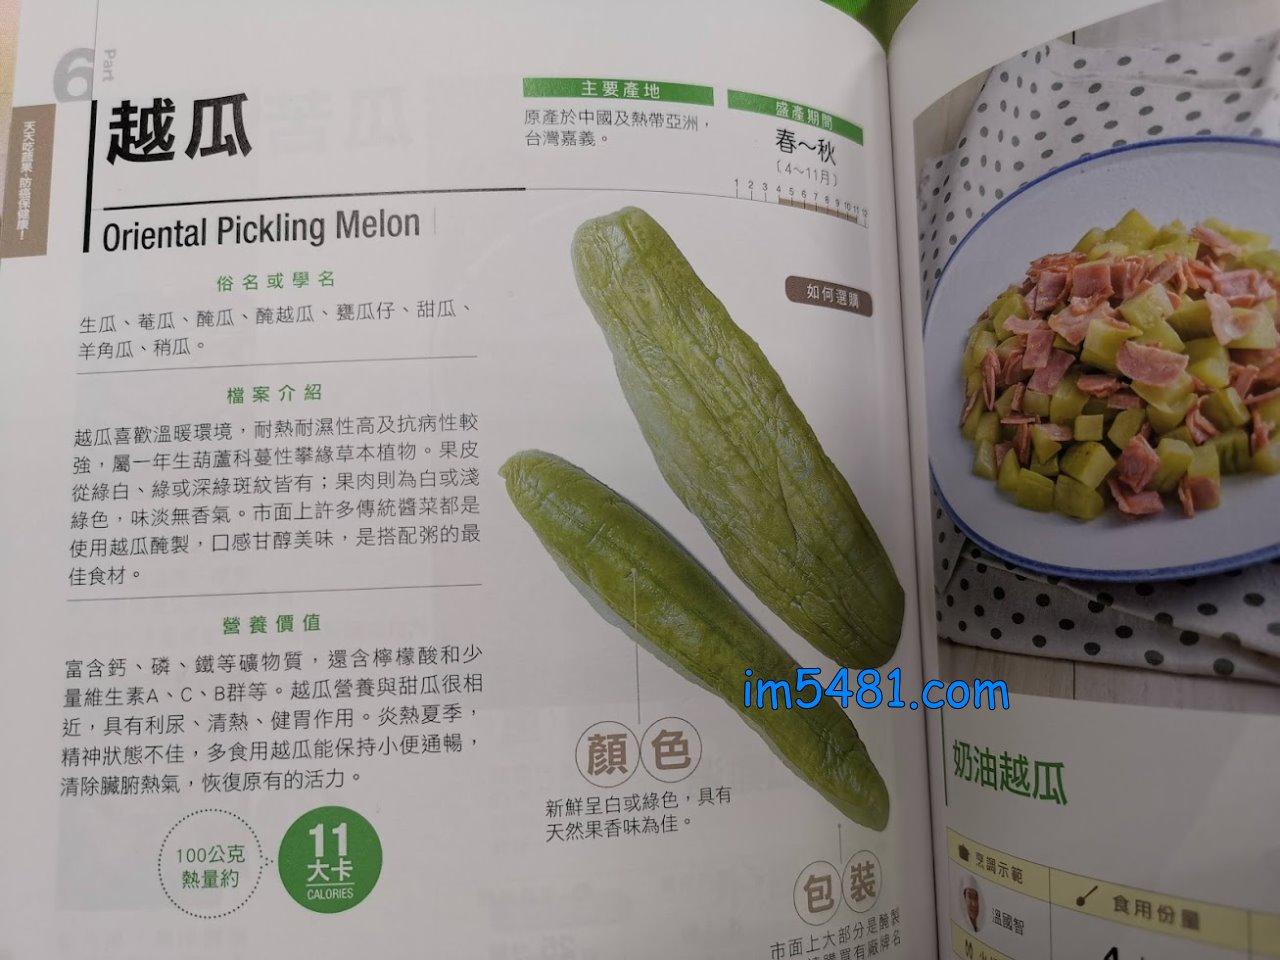 節錄於日日幸福廚房大百科1 天天吃蔬果,防癌保健康-越瓜